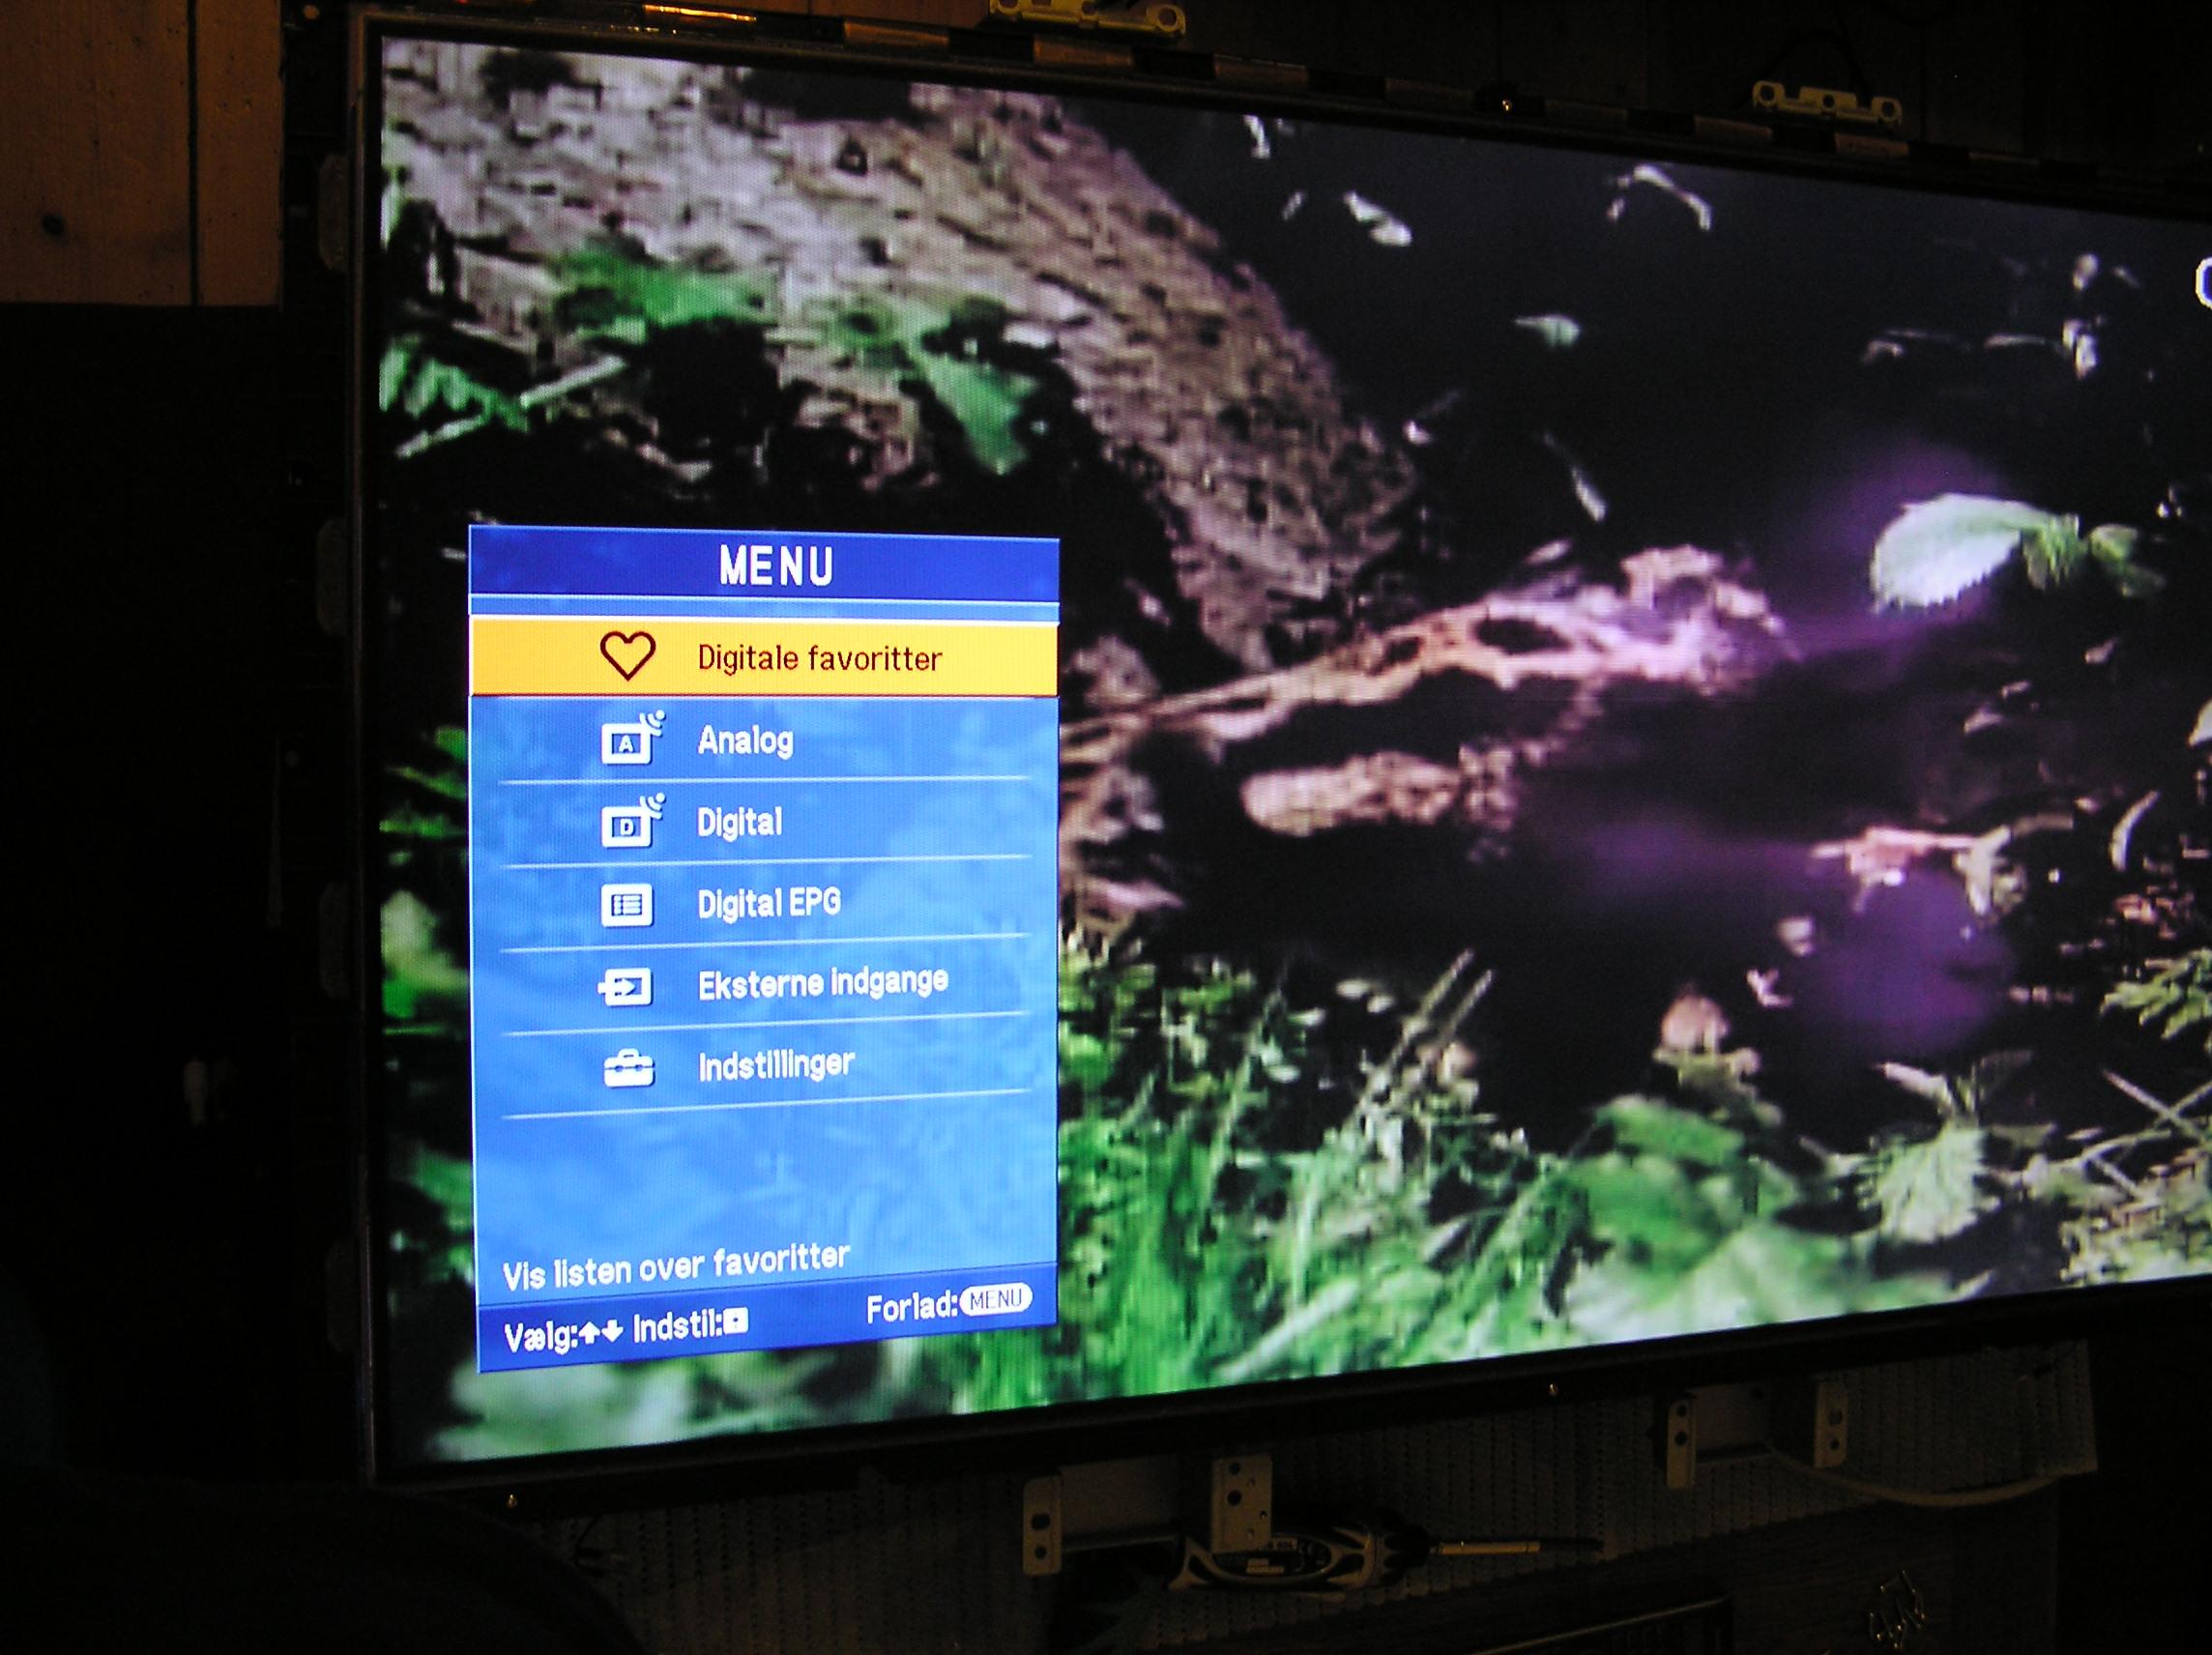 Sony KDL-40V3000 zostaj� �lady po wcze�niejszym obrazie